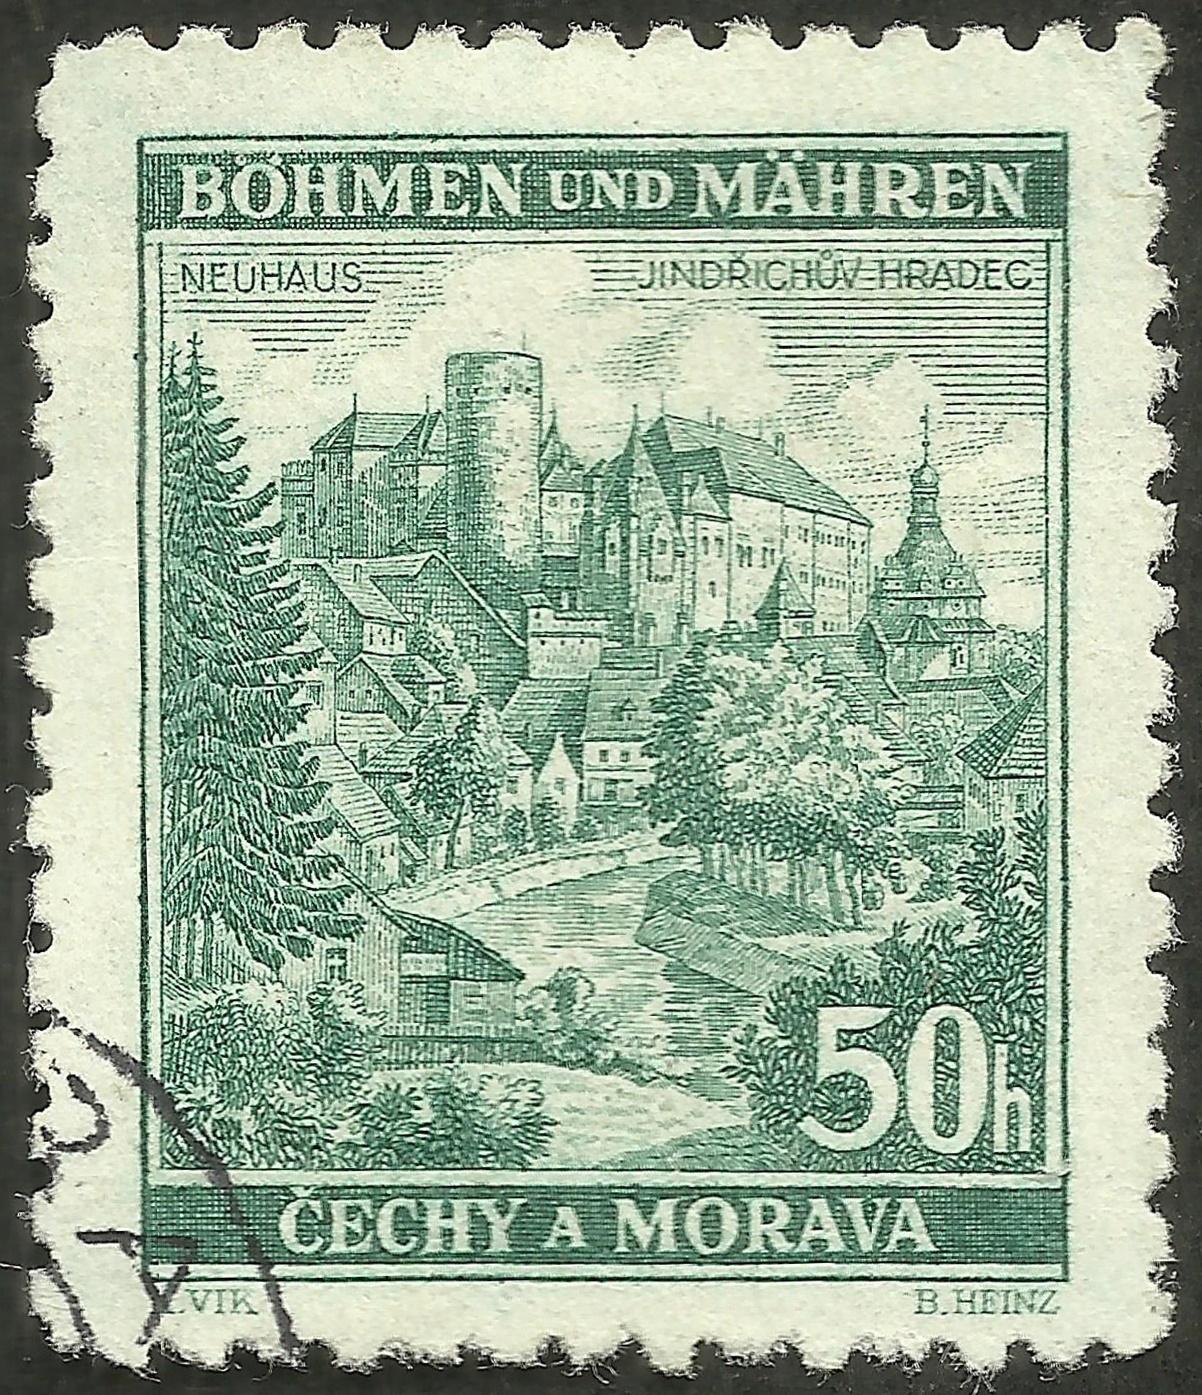 Bohemia and Moravia - Scott #40 (1940)